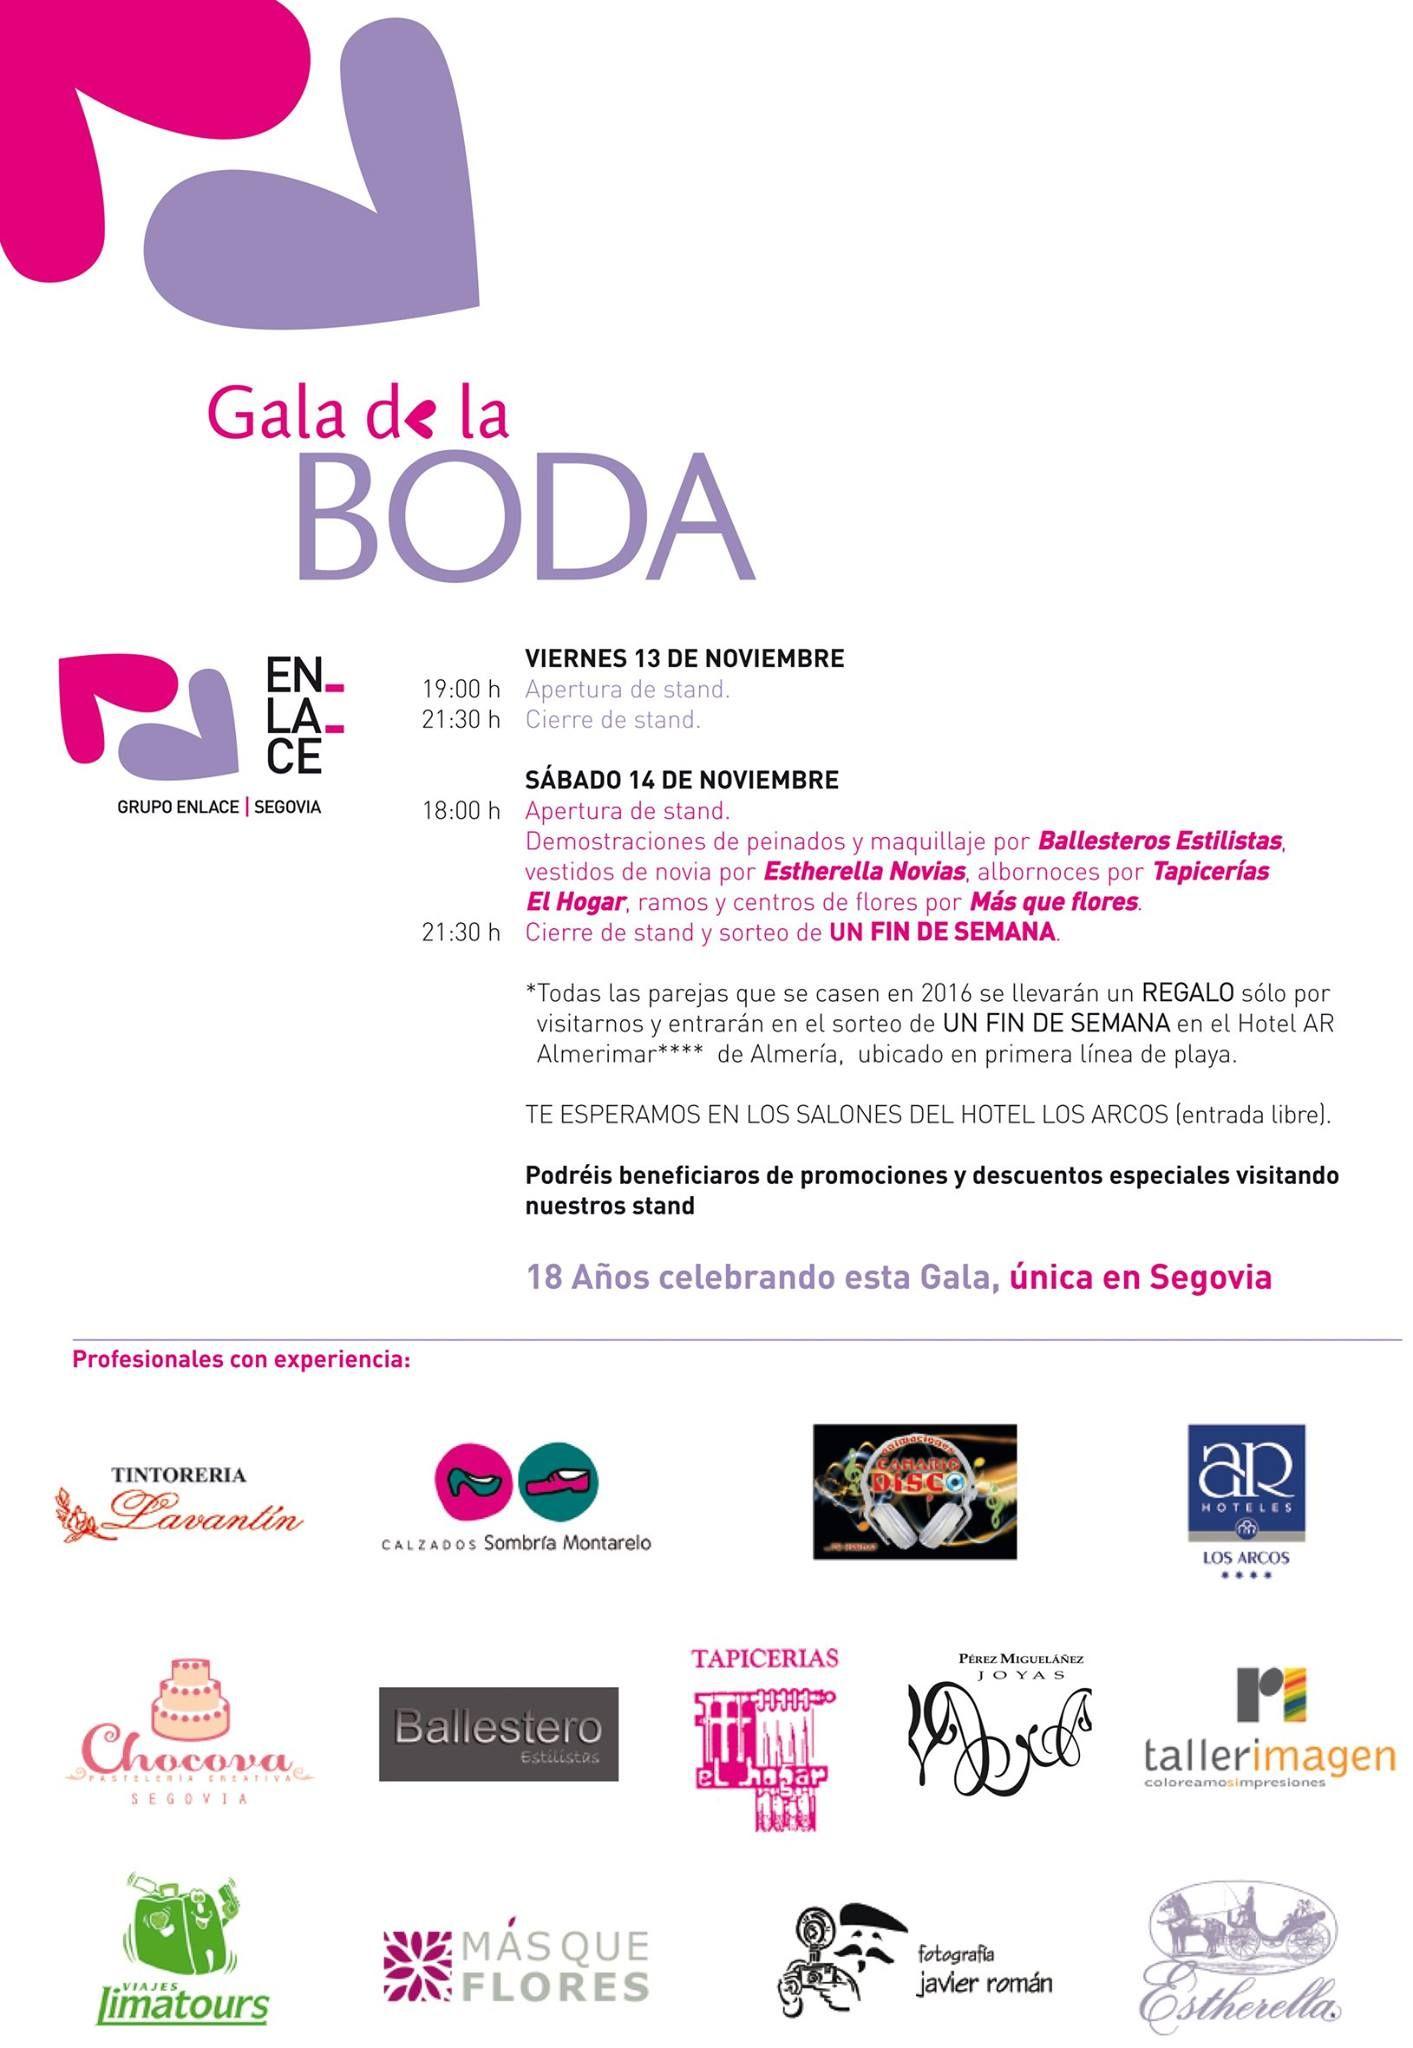 Programa #GaladelaBoda #Segovia, que se celebrará en el Hotel Los Arcos.